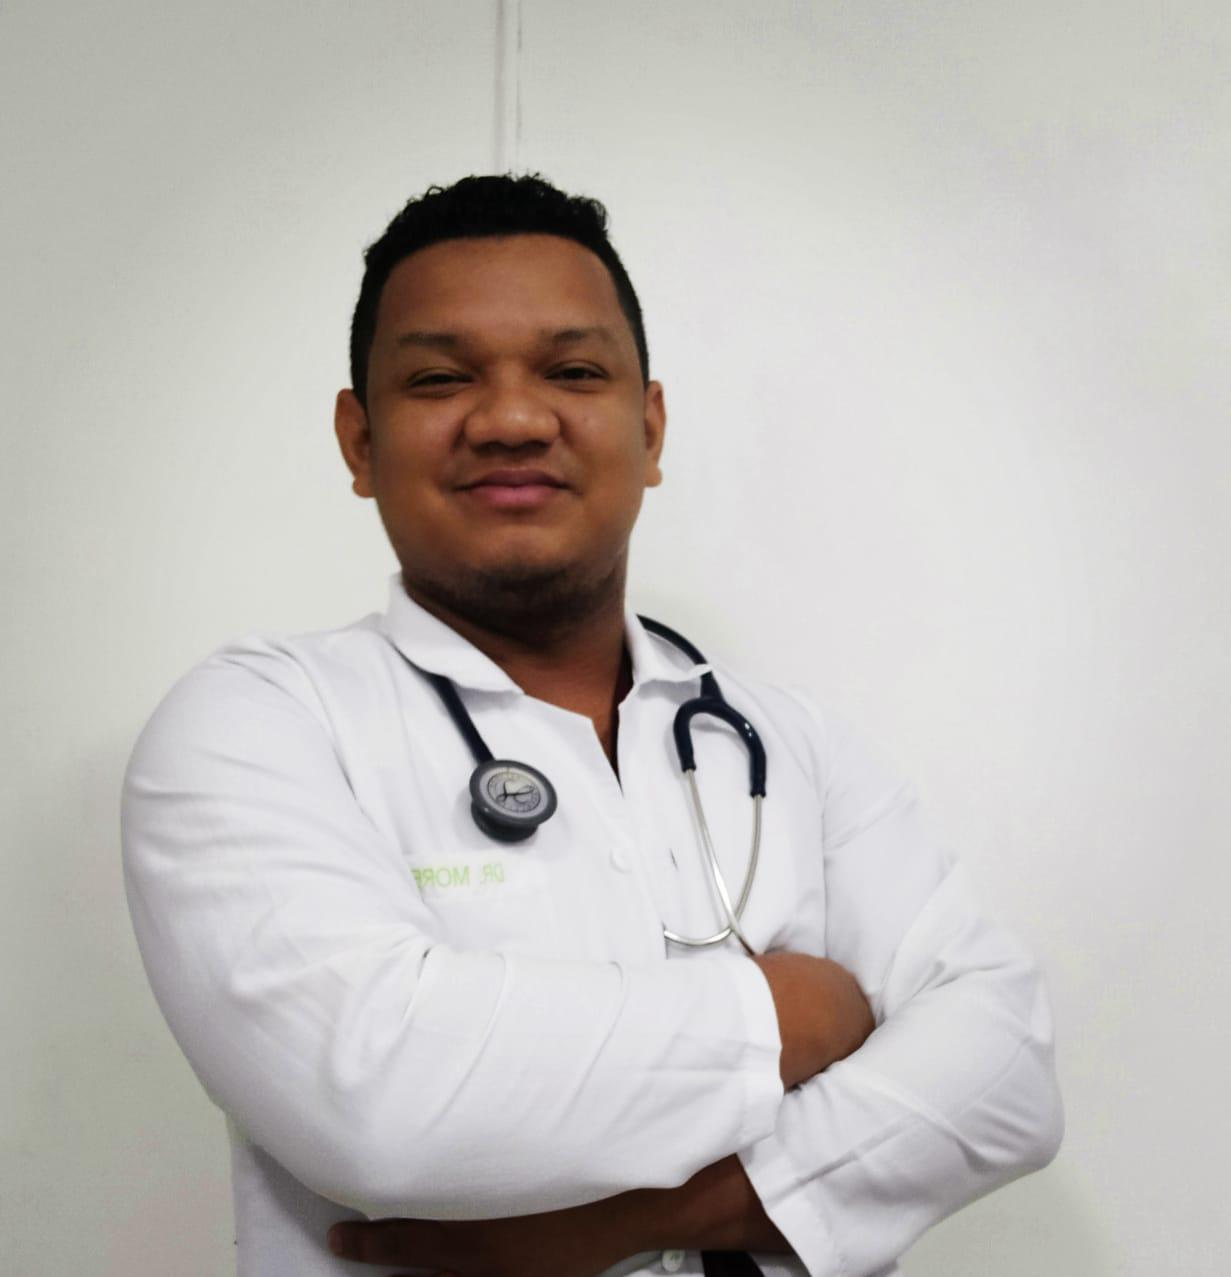 Dr. David Enrique Morelo Padilla